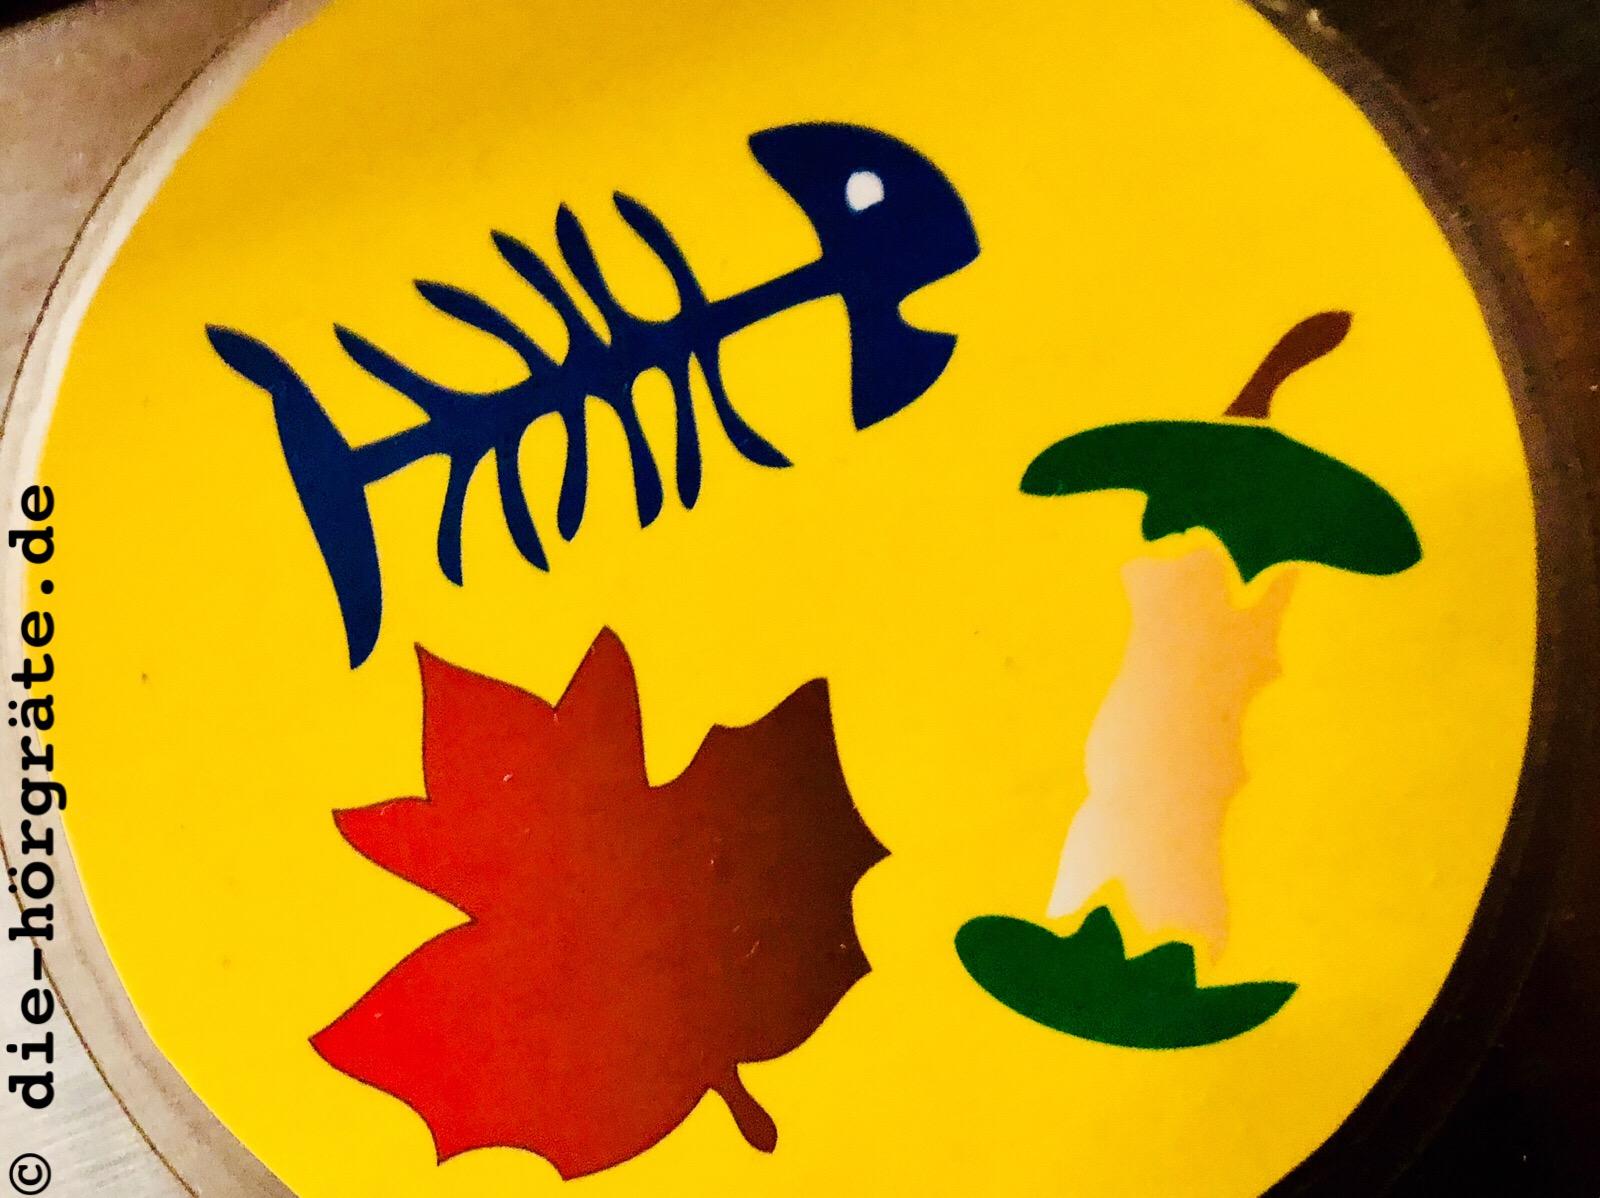 ein runder, gelber Aufkleber auf einem Abfalleimer, darauf gezeichnet ein rotes Blatt, der Rest von einem Apfel und eine blaue Gräte